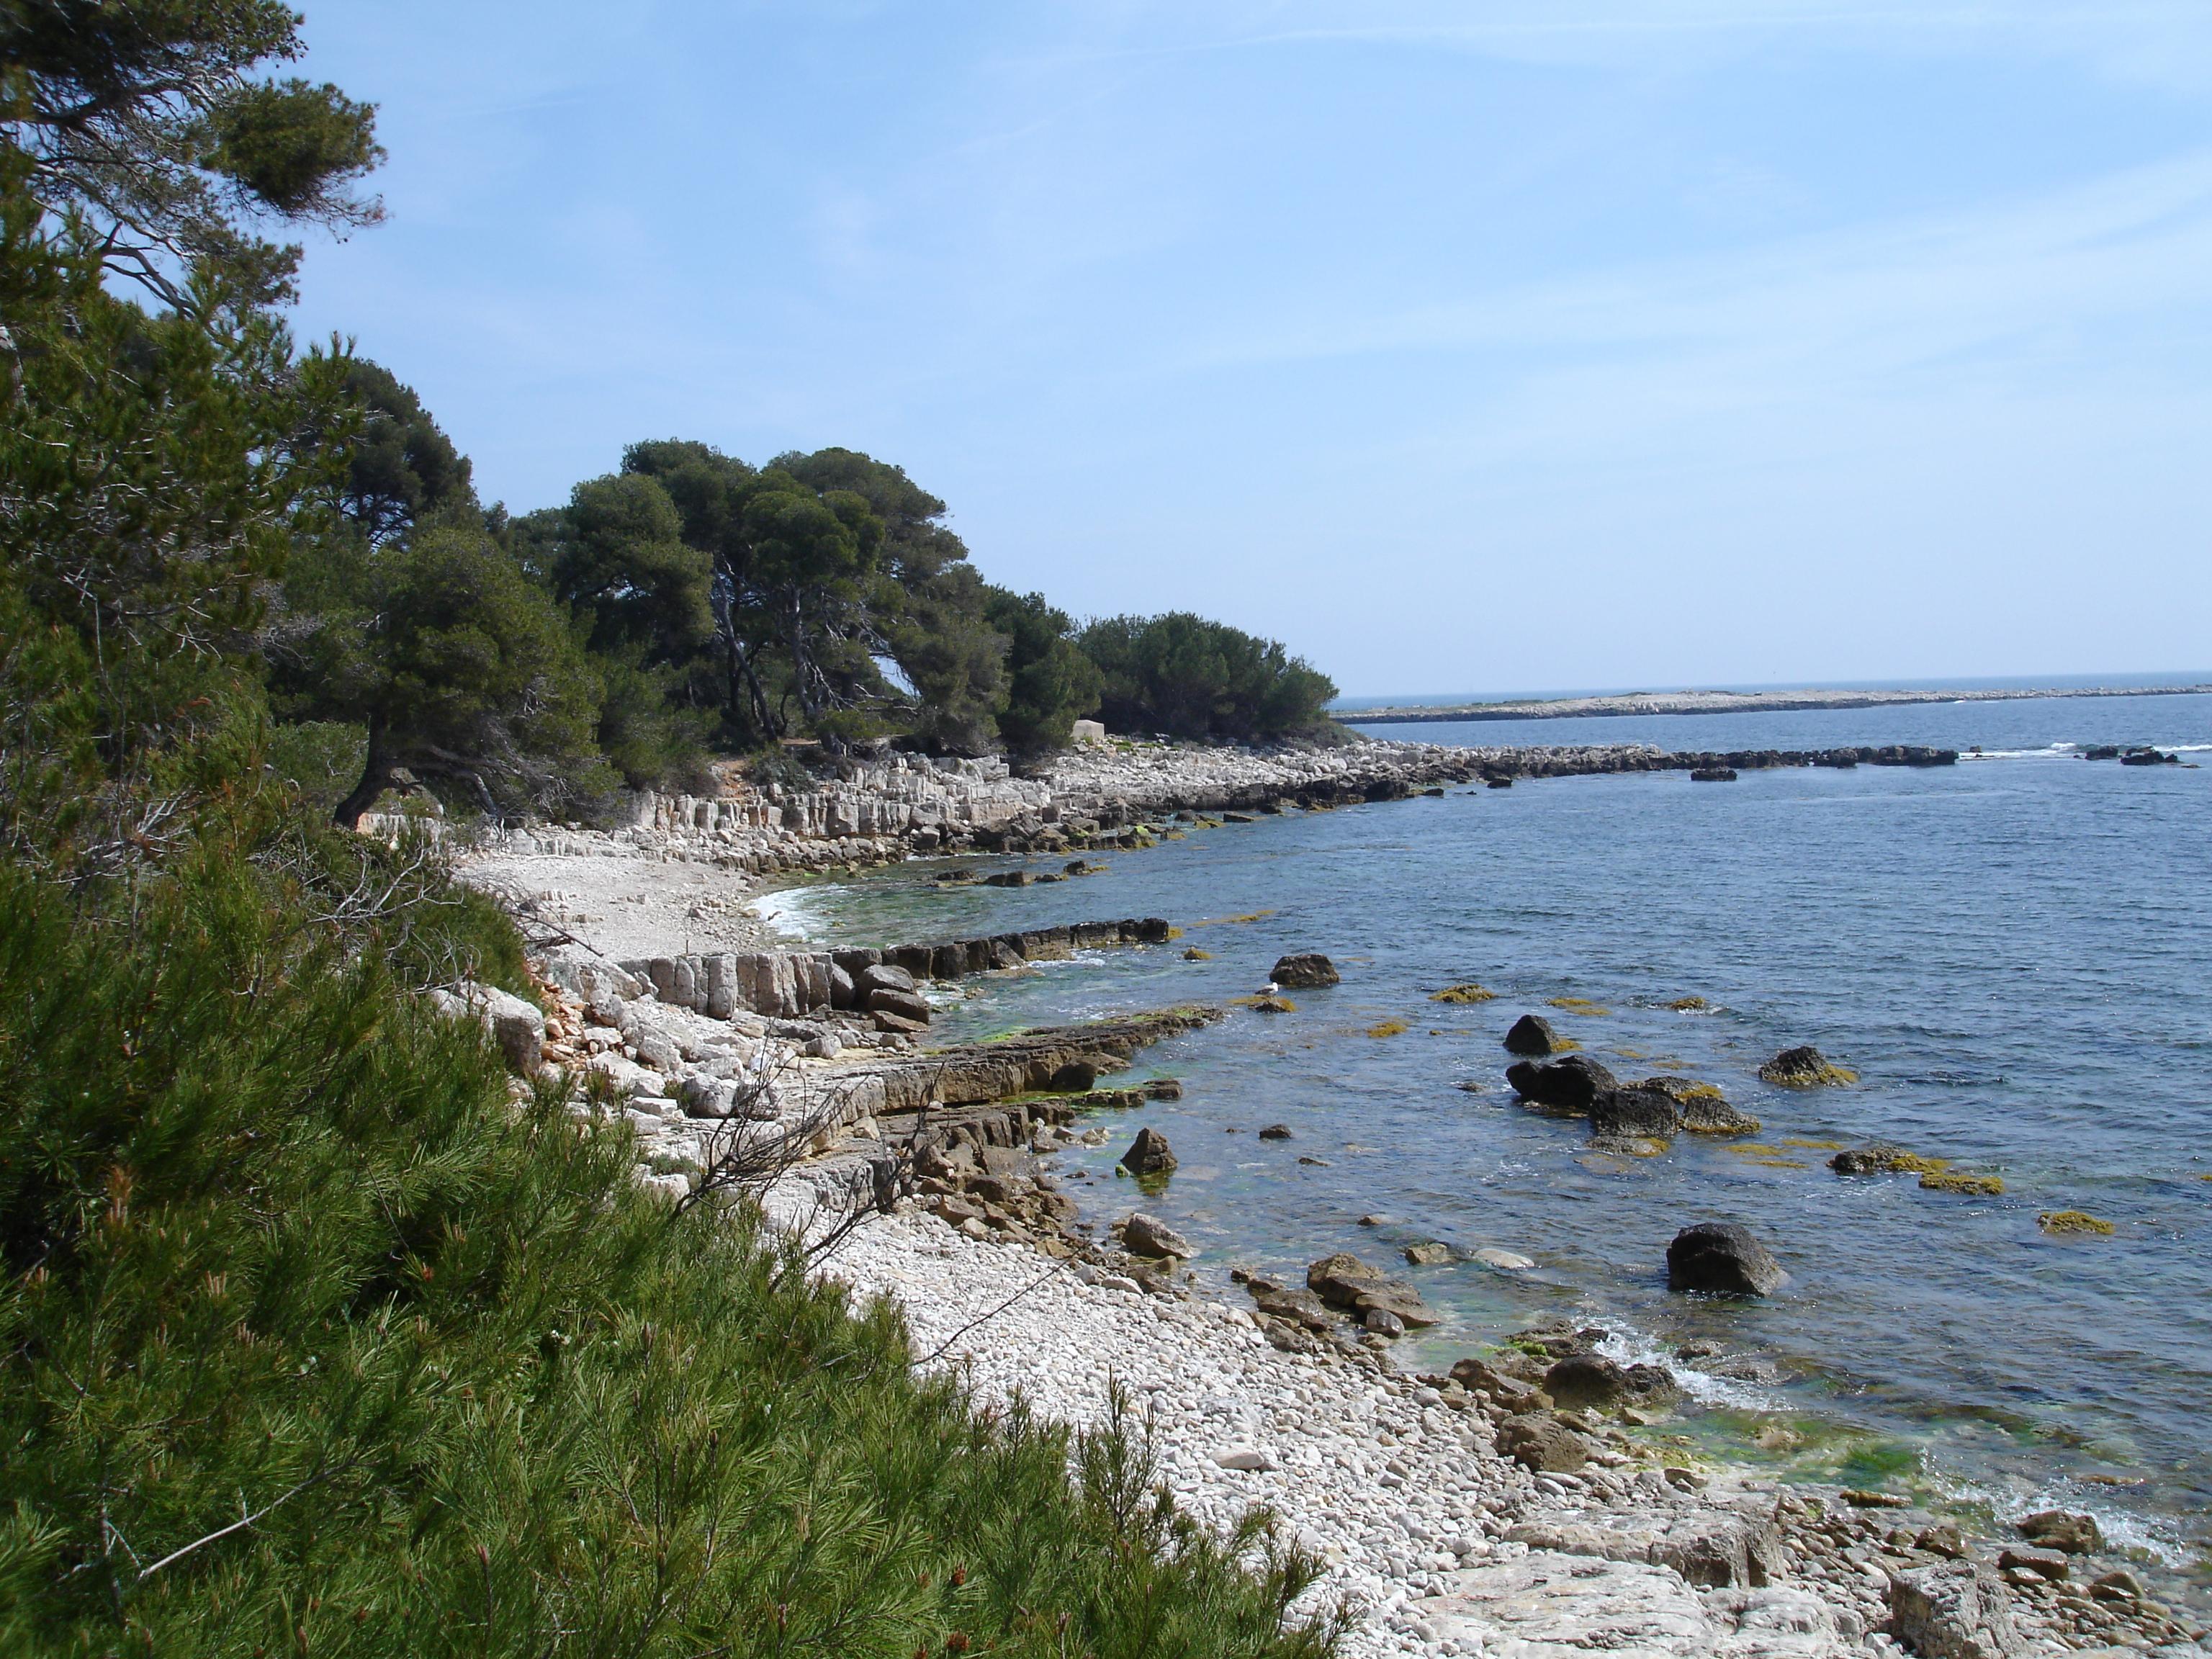 Iles de Lerins